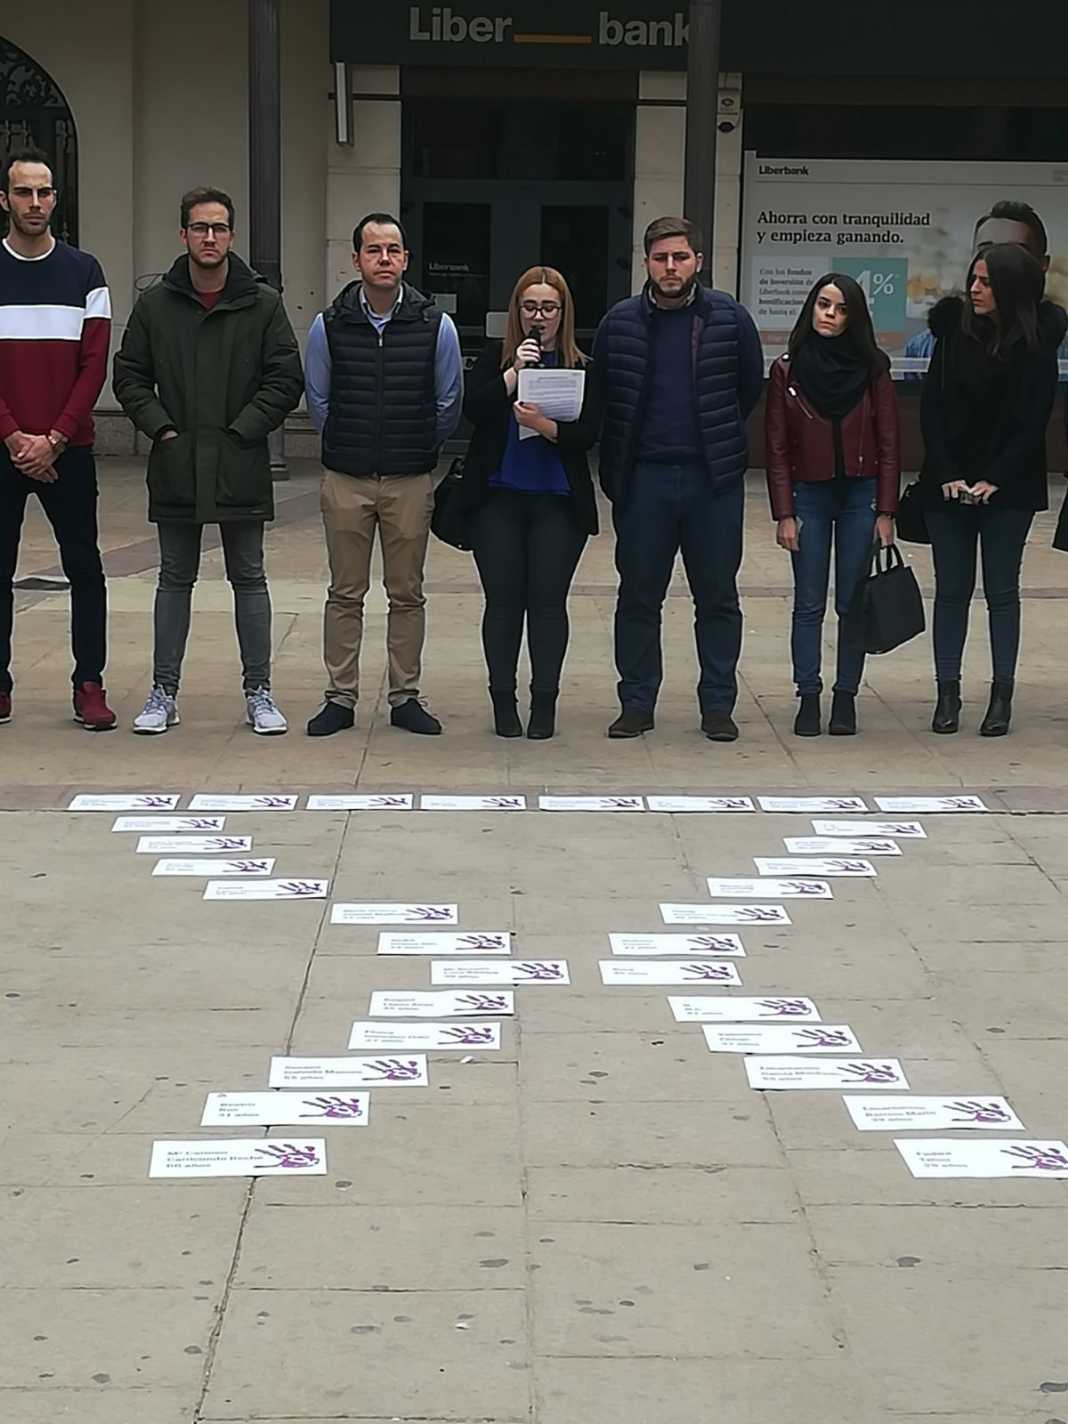 Minuto de silencio contra la violencia de género en Herencia 7